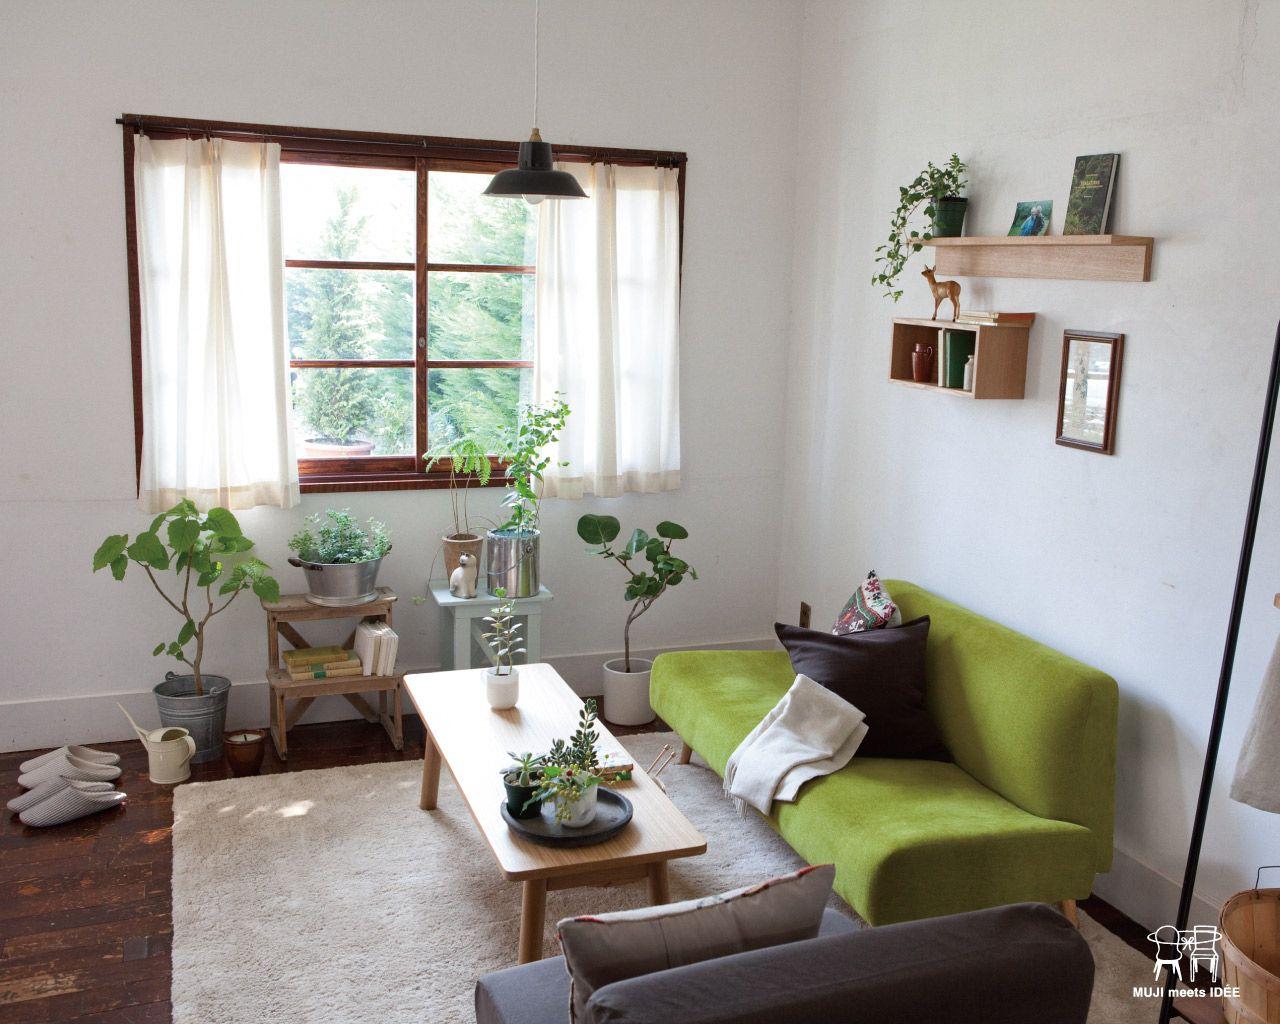 decor ideas from idÉe muji spring green ダイニング pinterest